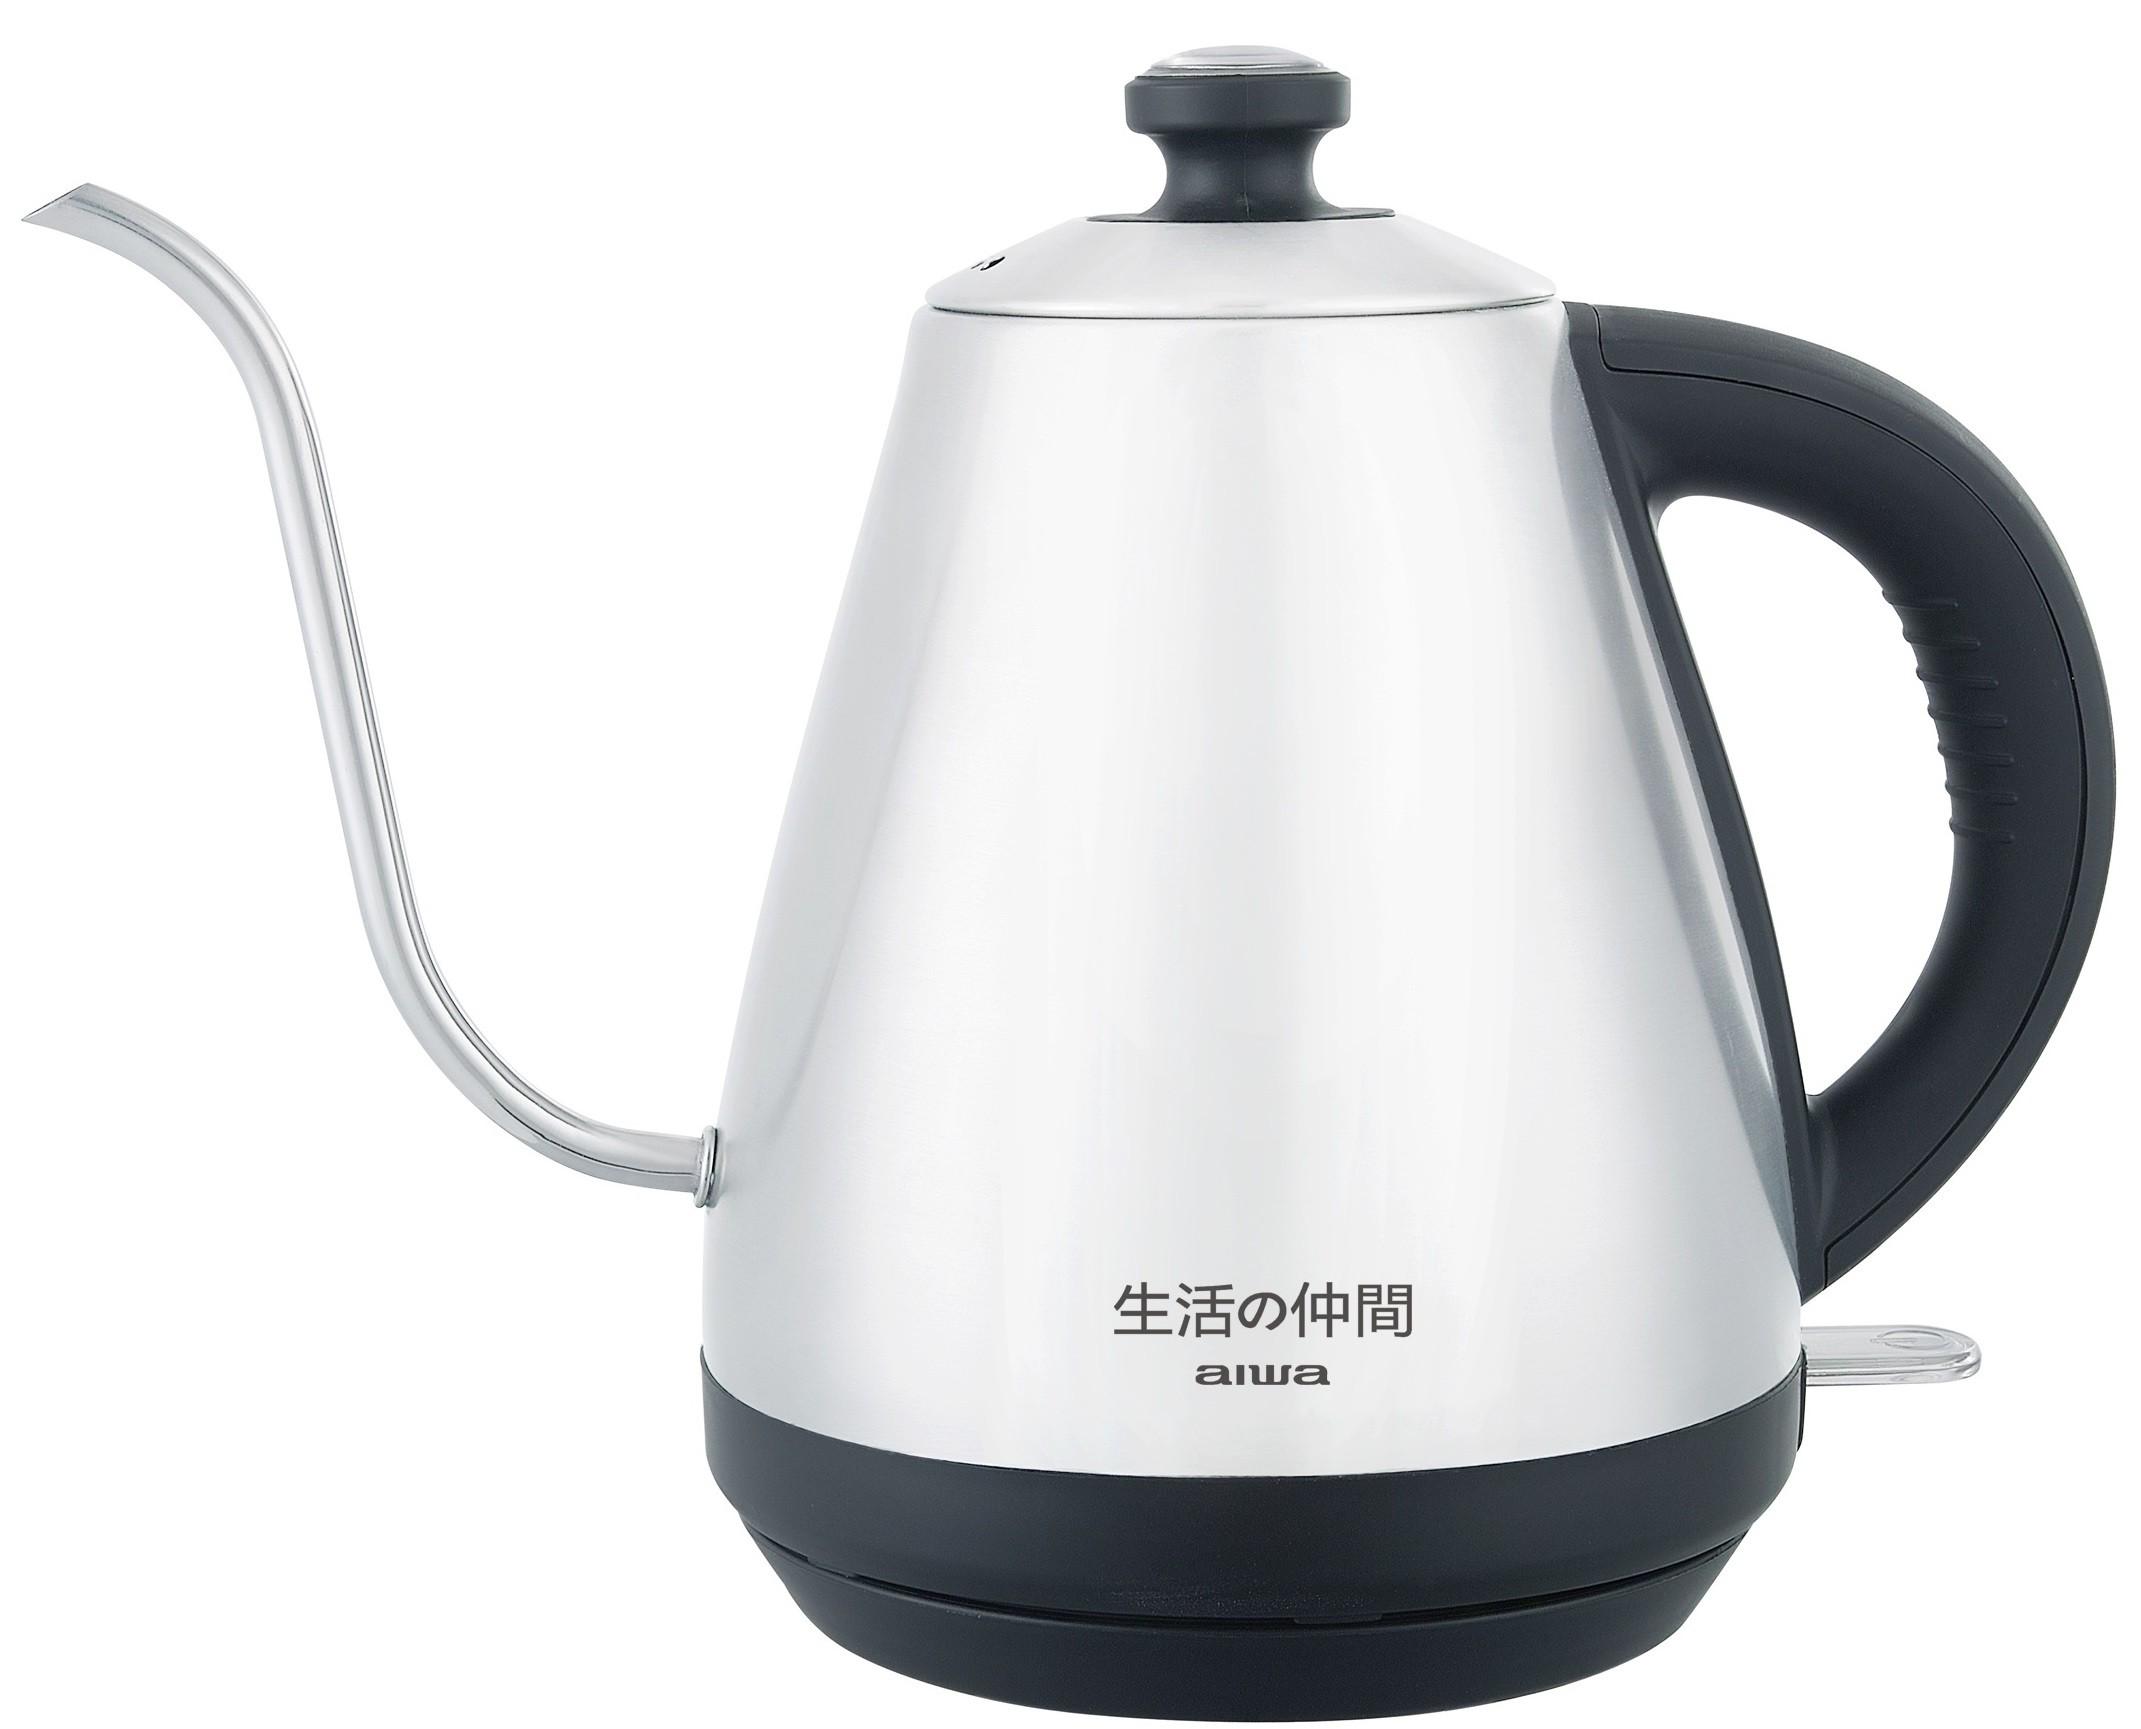 AIWA 不鏽鋼咖啡快煮壺 EK110410SR